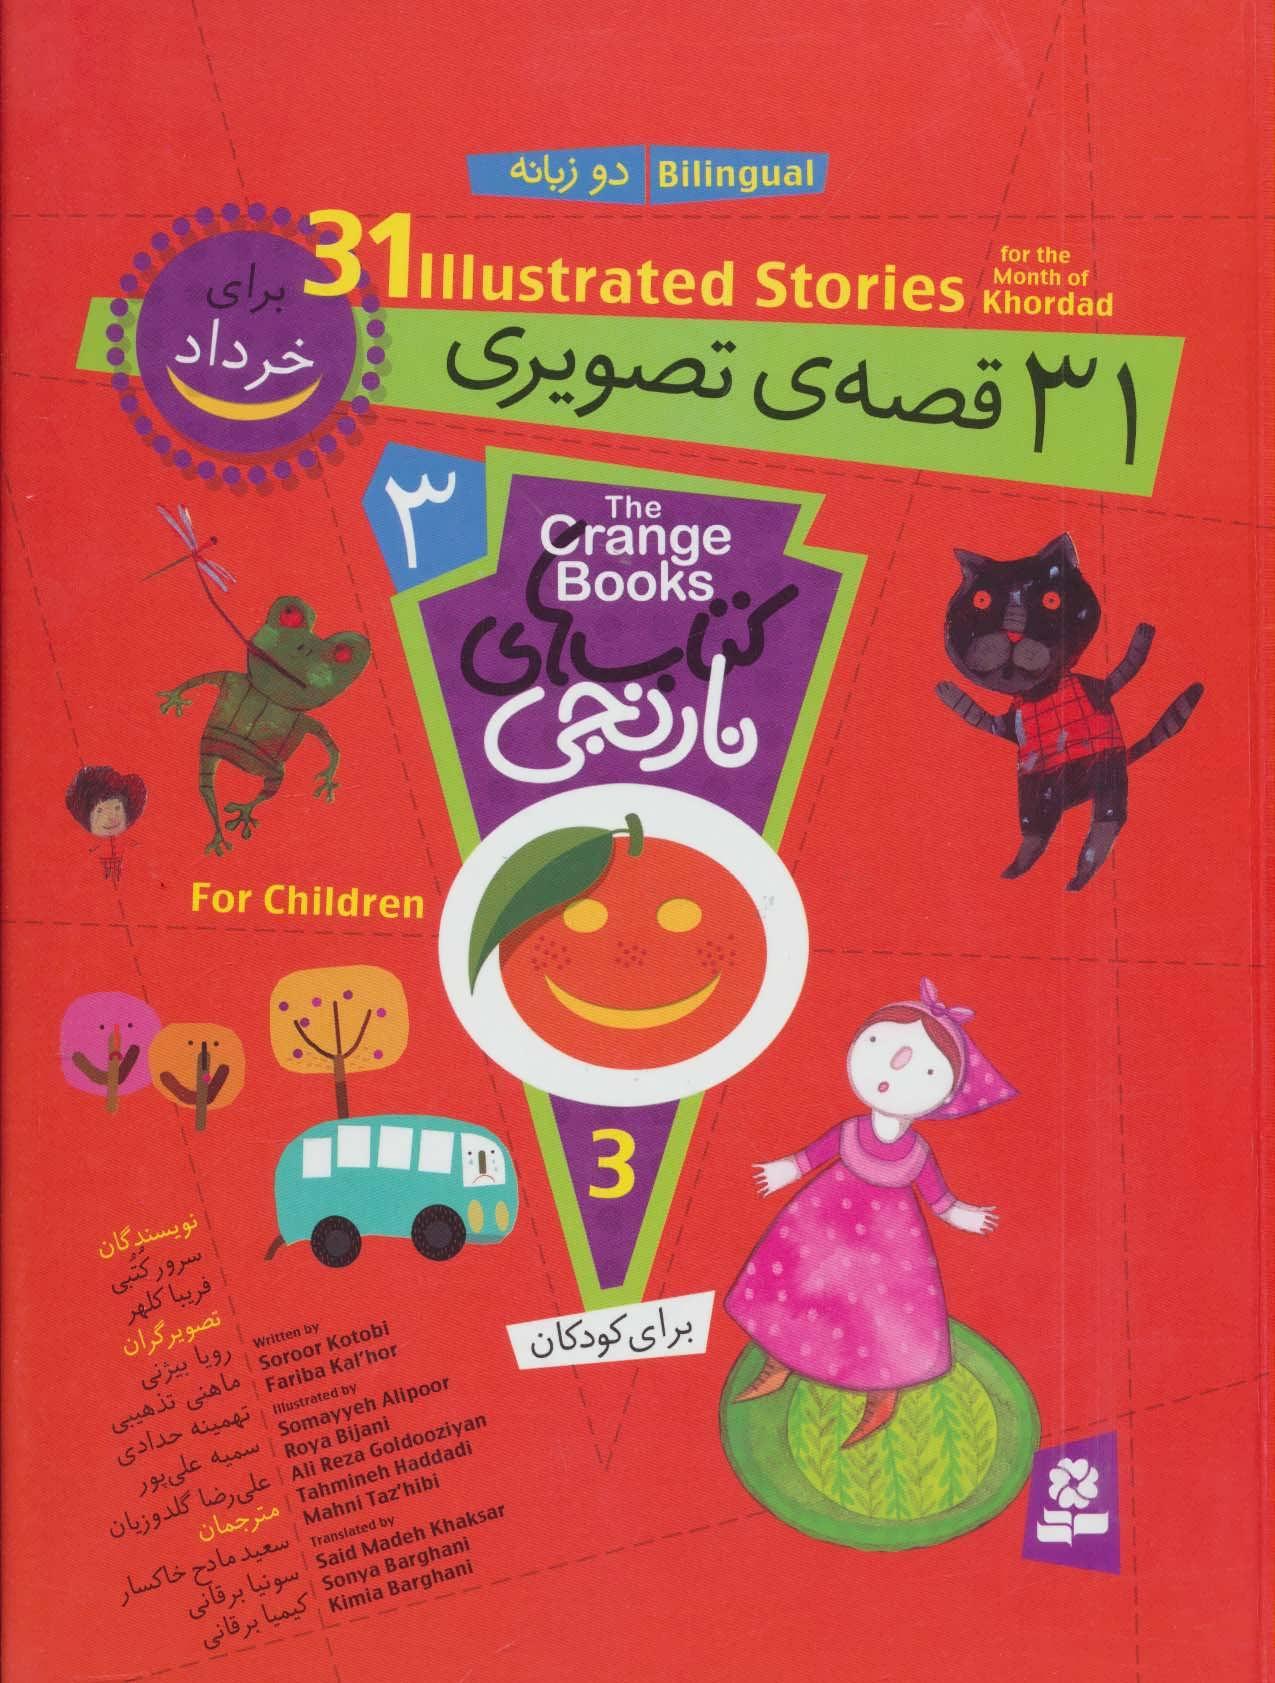 مجموعه کتاب های نارنجی 3 (31 قصه ی تصویری برای خرداد)،(گلاسه)